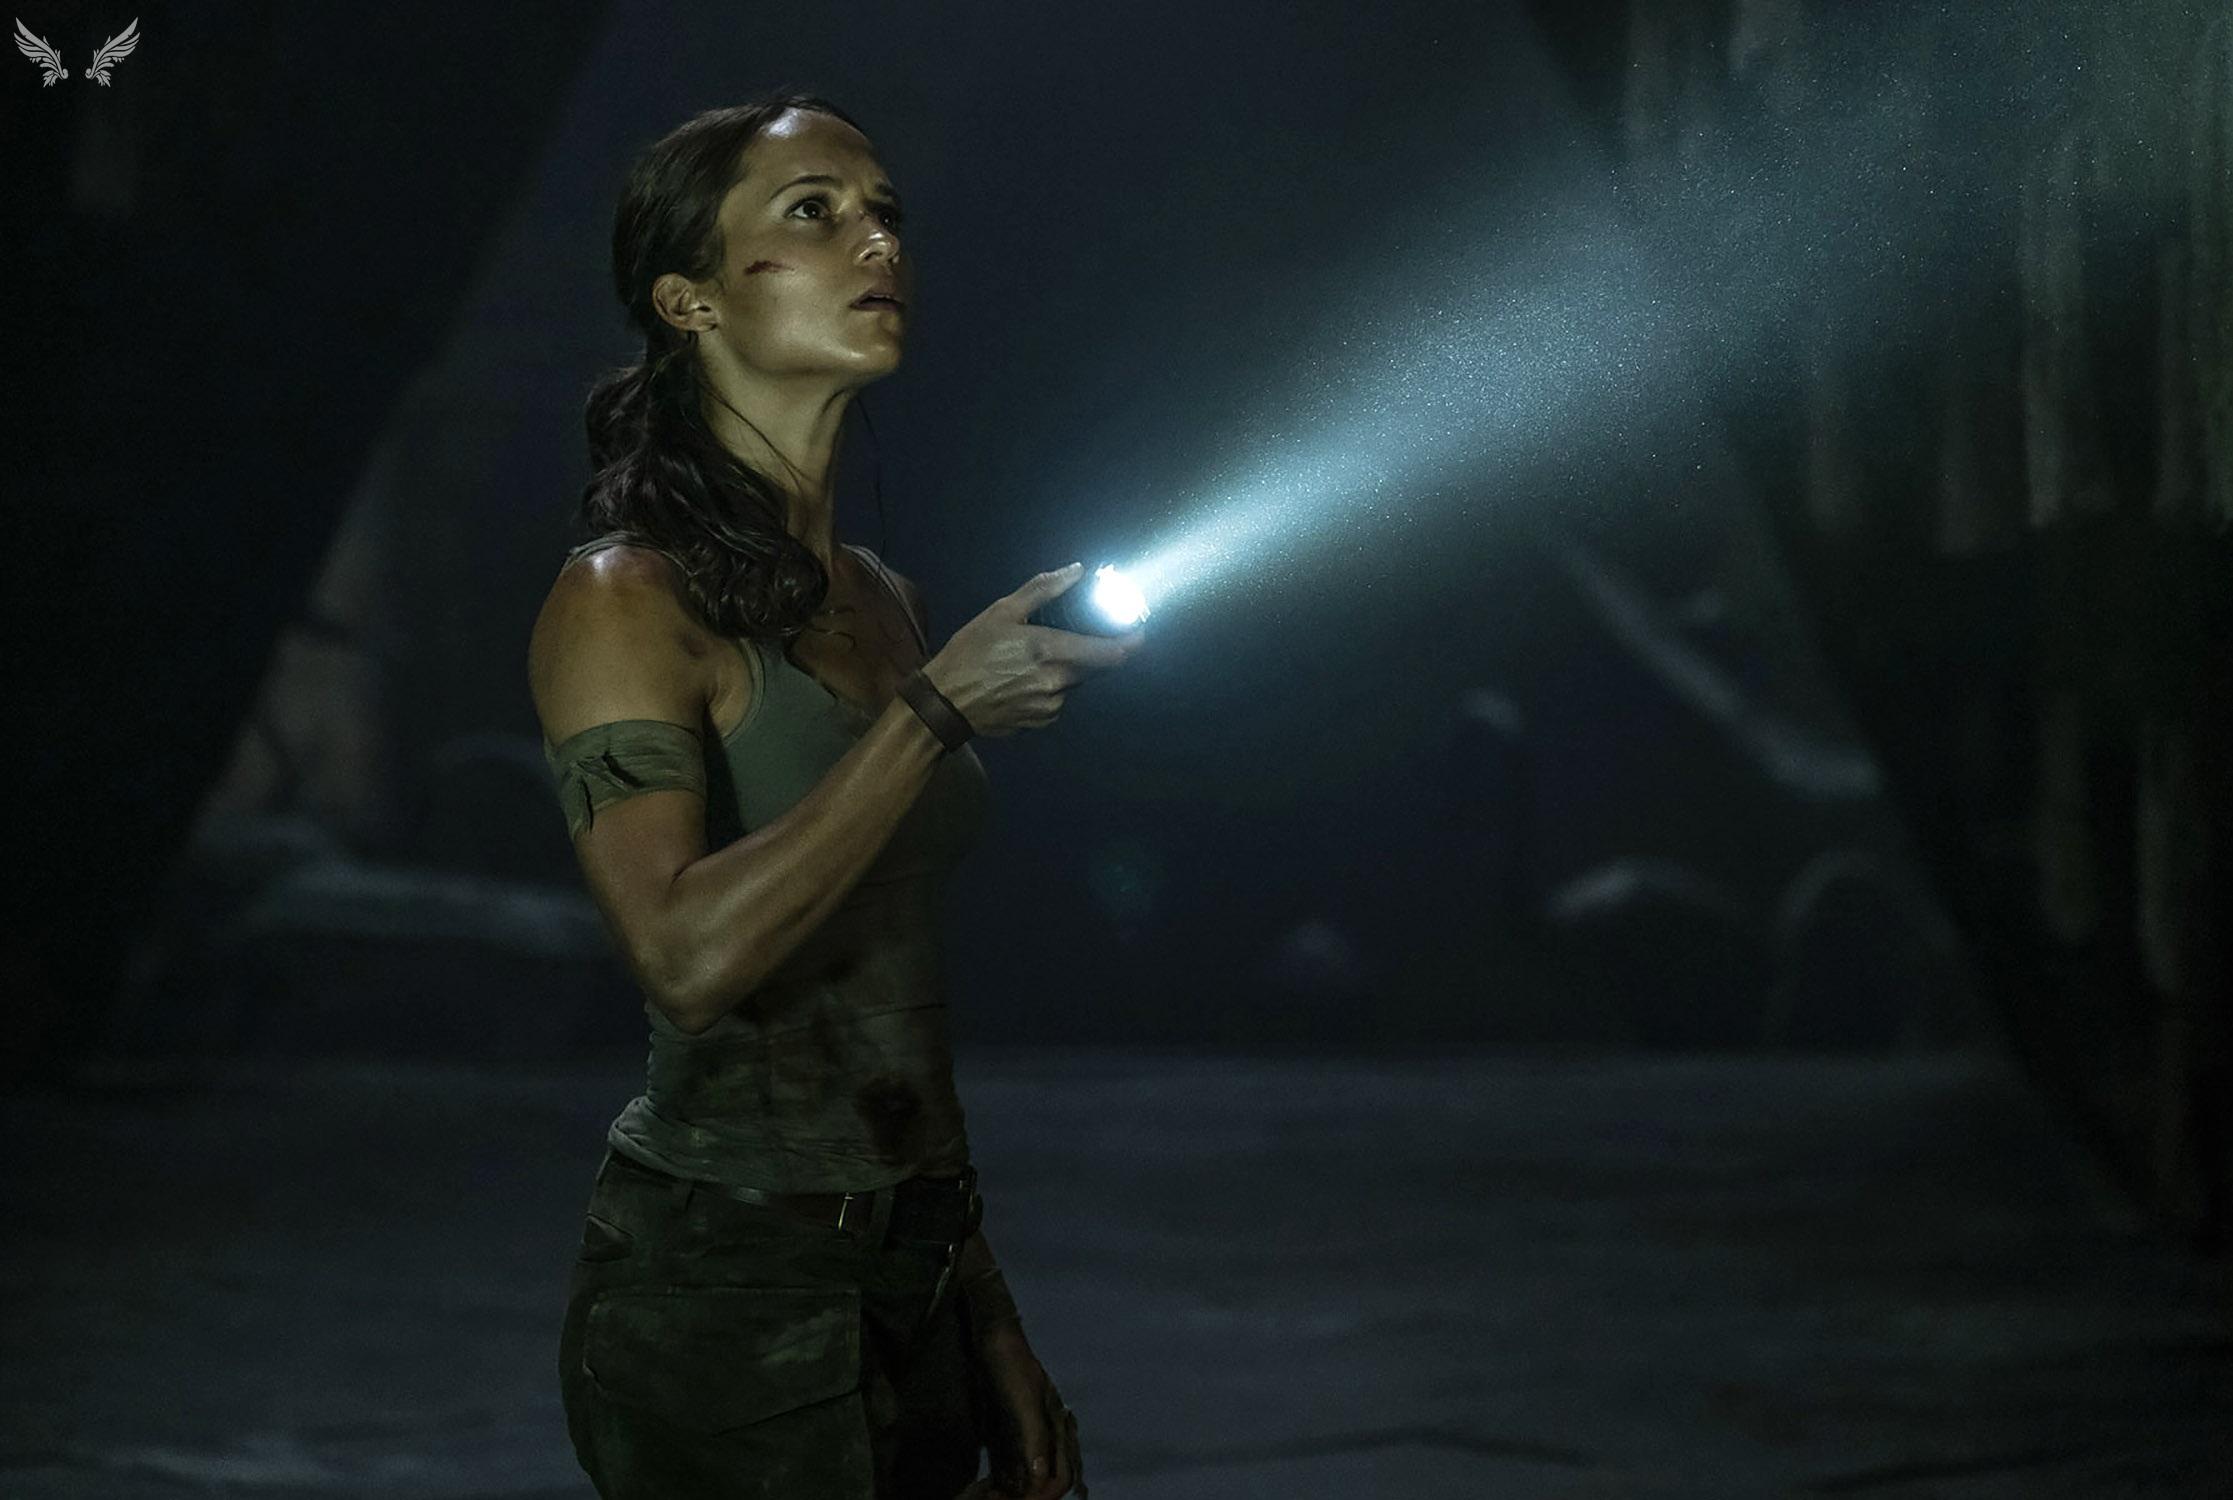 Secondo trailer ufficiale del film Tomb Raider!